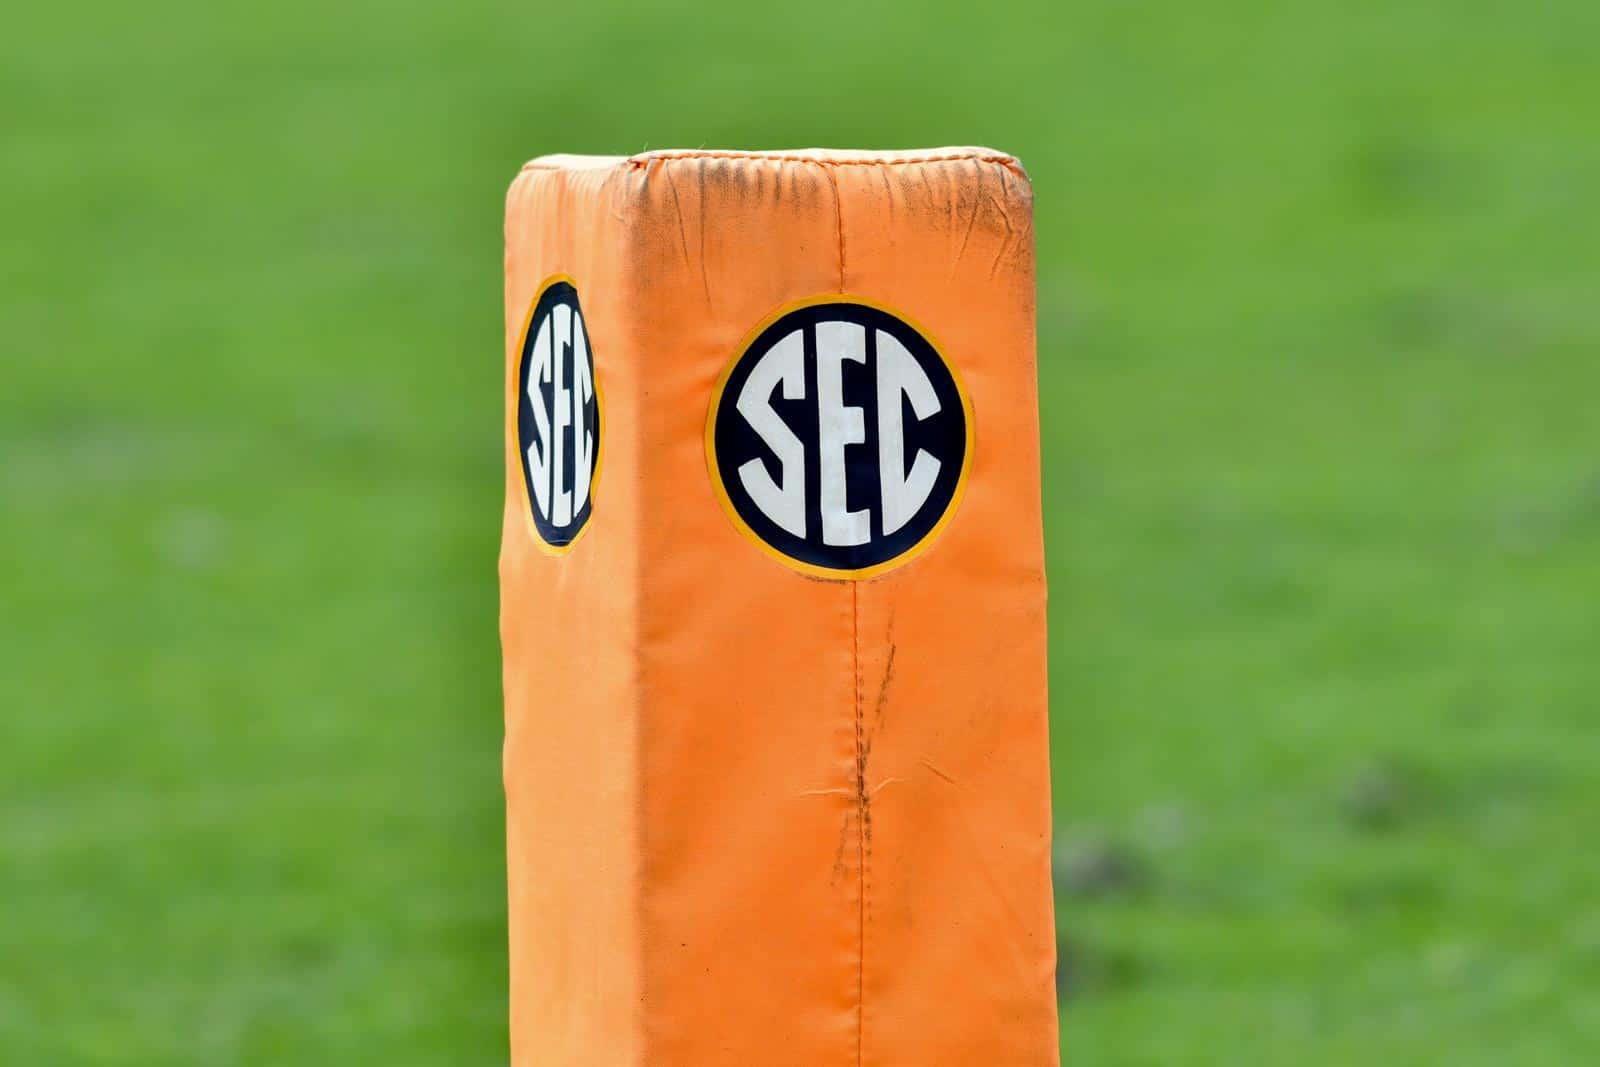 Kentucky football opens the 2020 season at Auburn